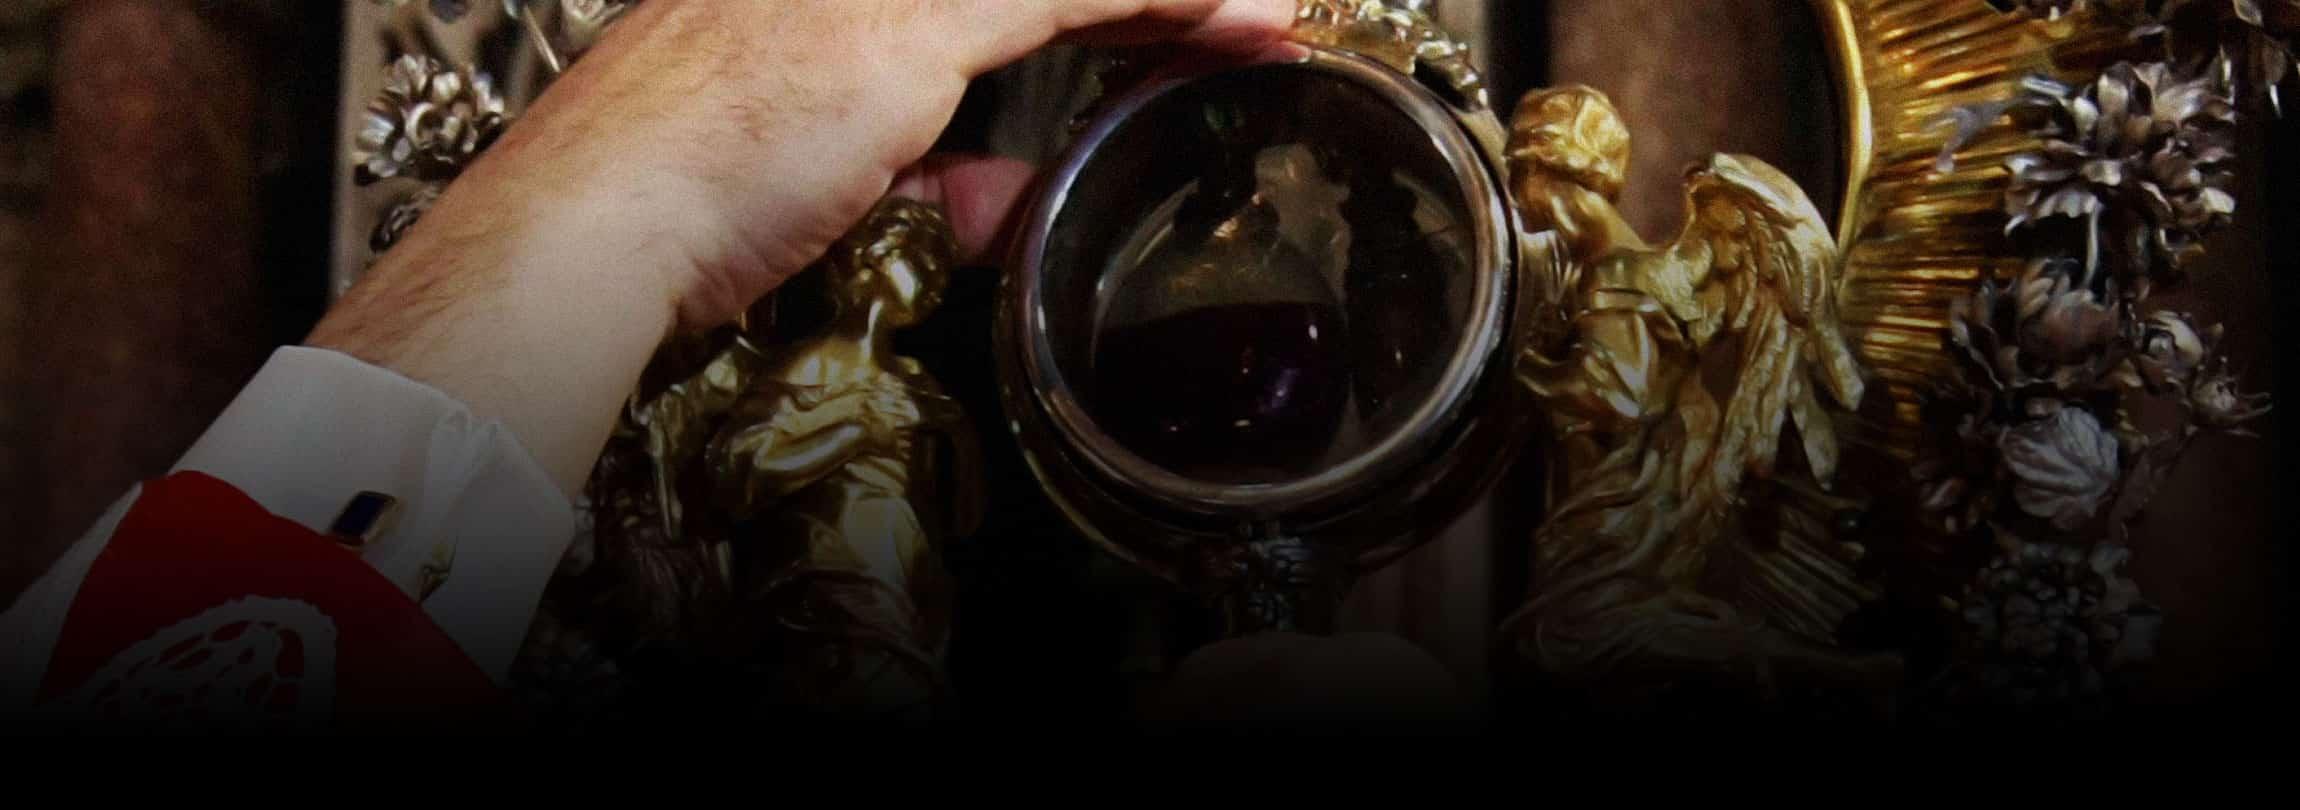 Por que o milagre de São Januário é tão importante?